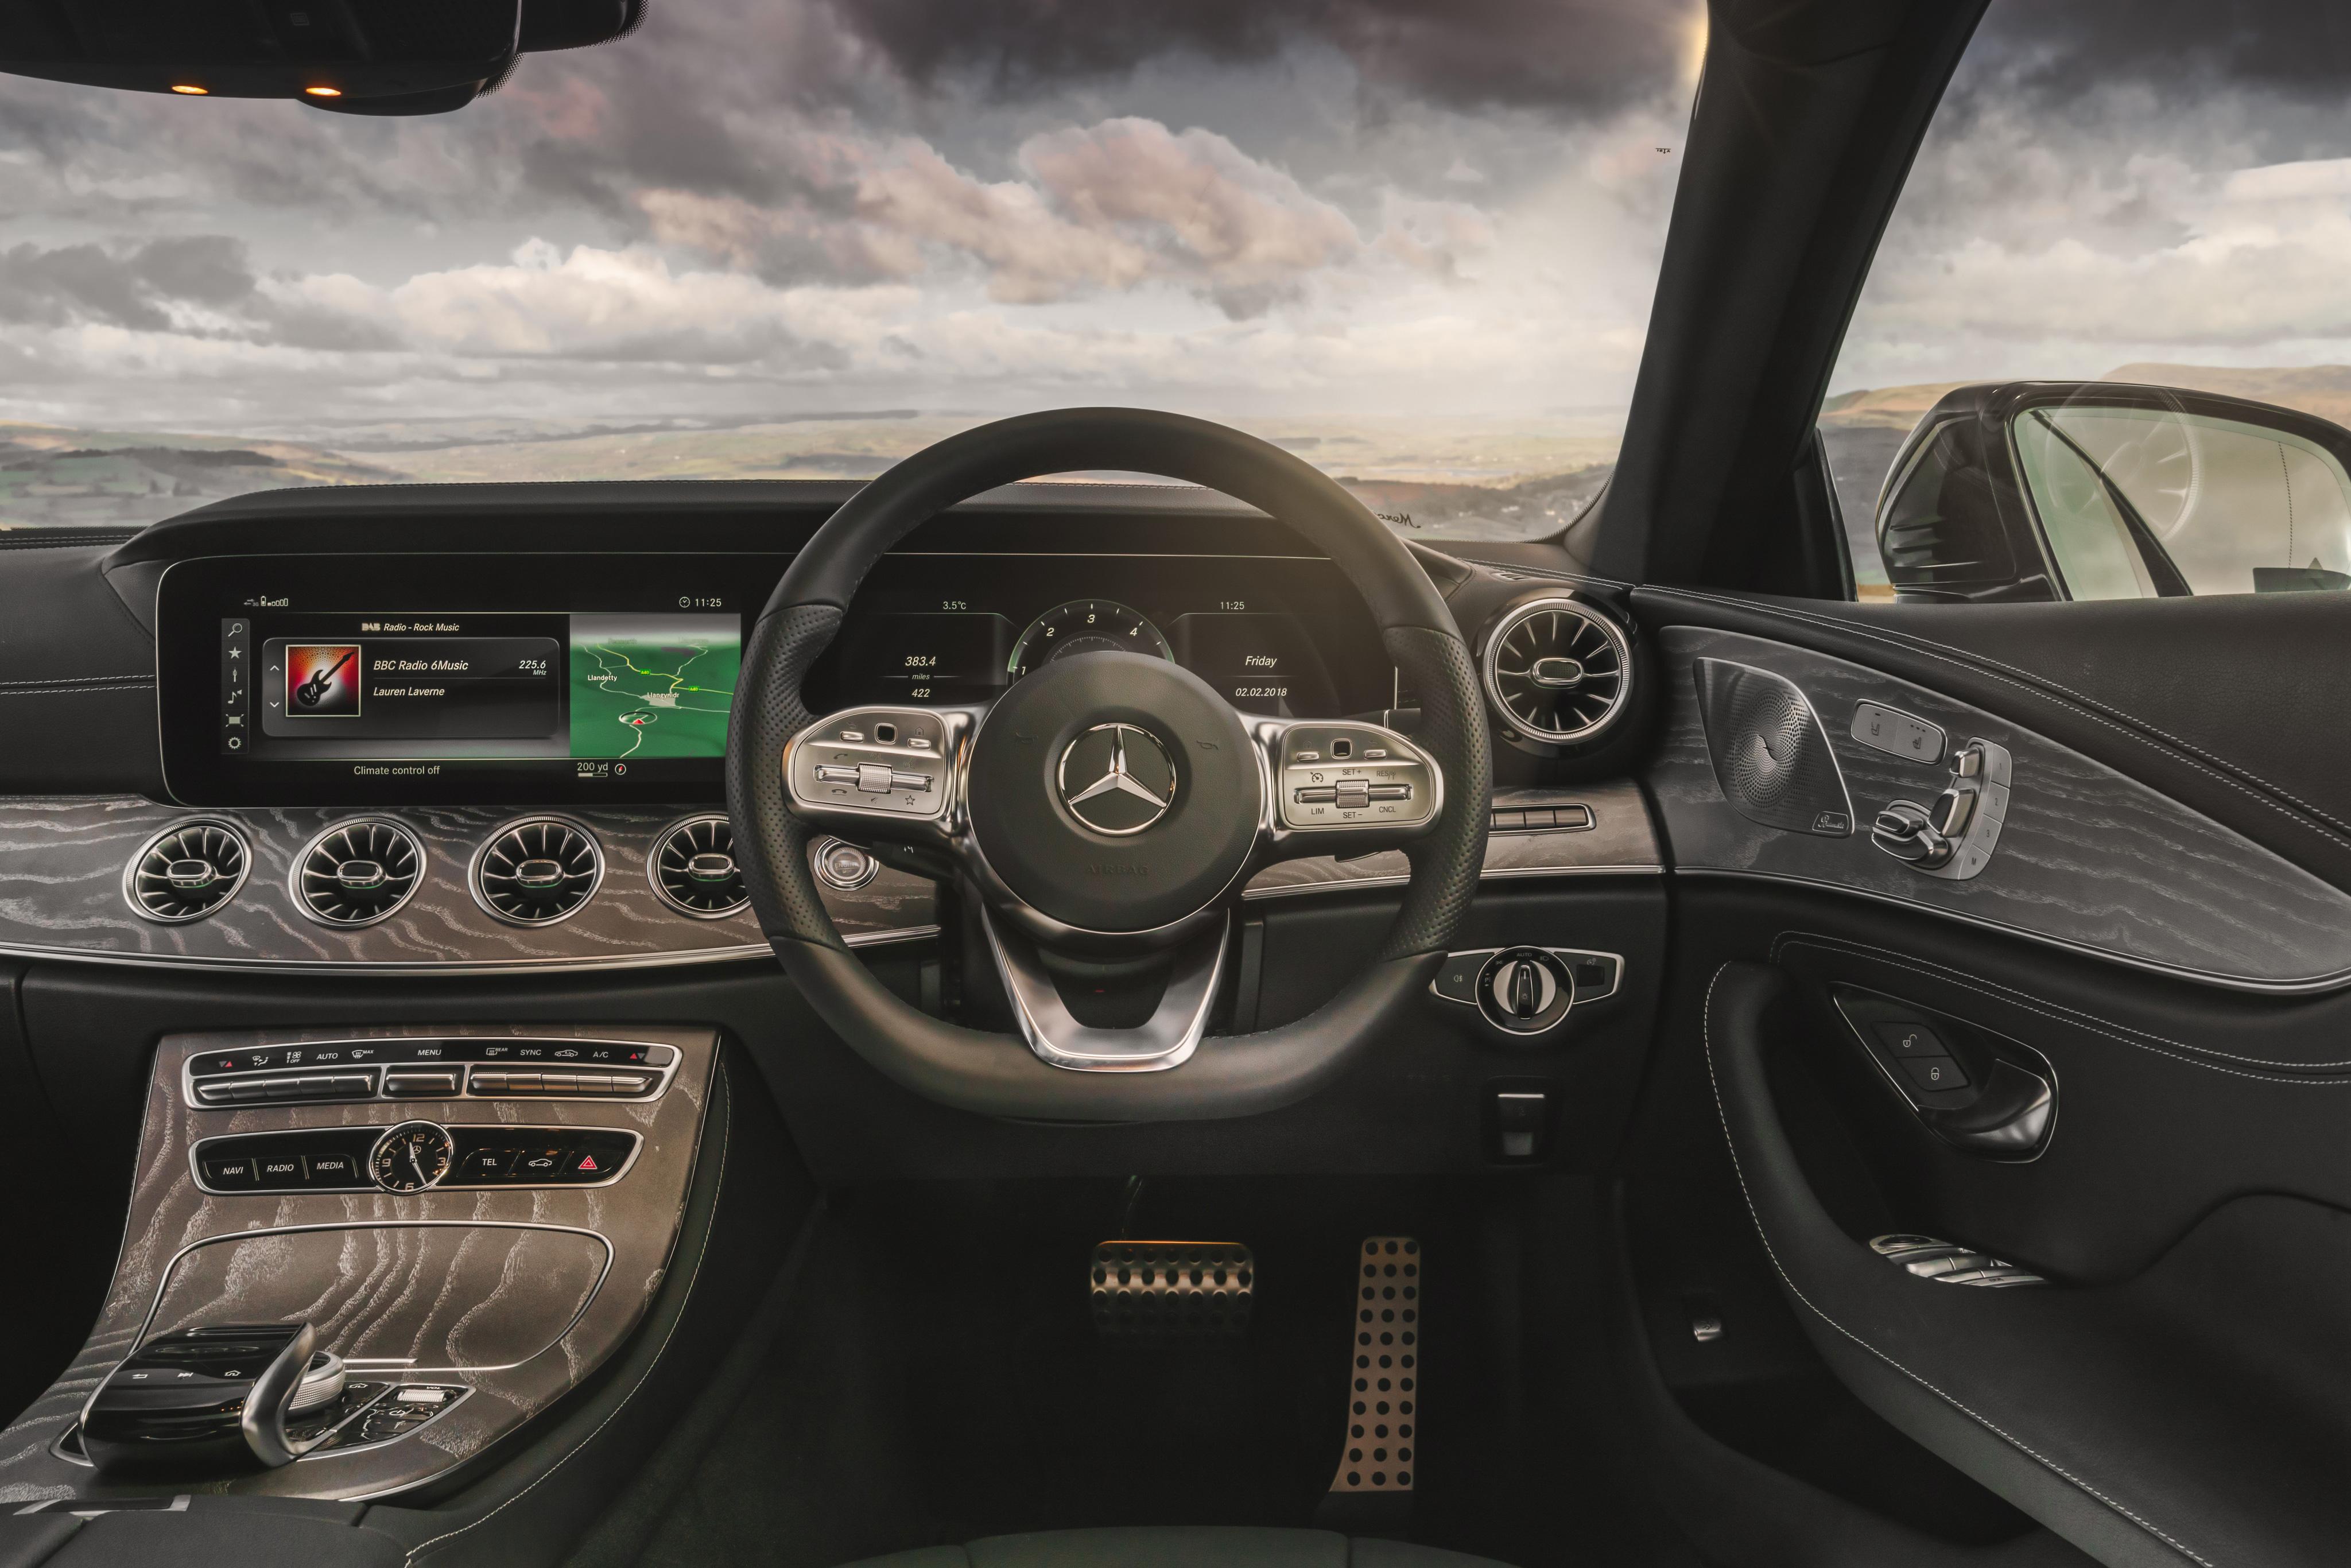 Mercedes Benz CLS 400 D AMG Interior, HD Cars, 4k ...